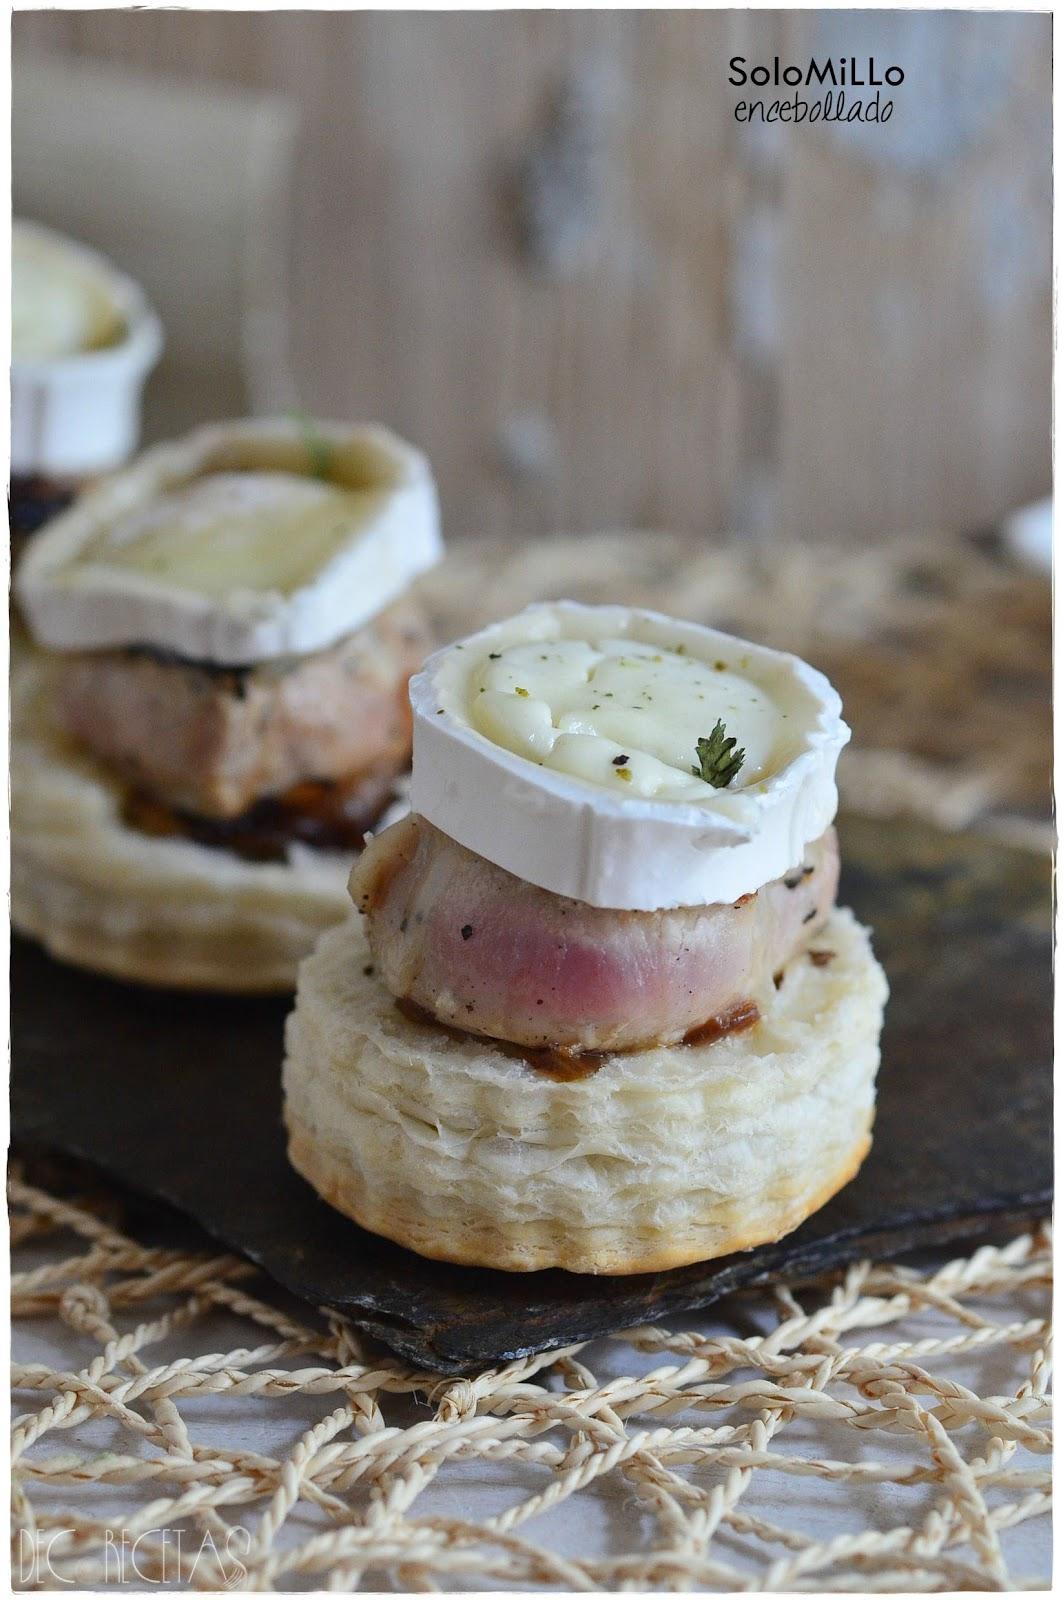 Esta receta la vi en you tube en el blog de las recetas - Solomillo de cerdo encebollado ...